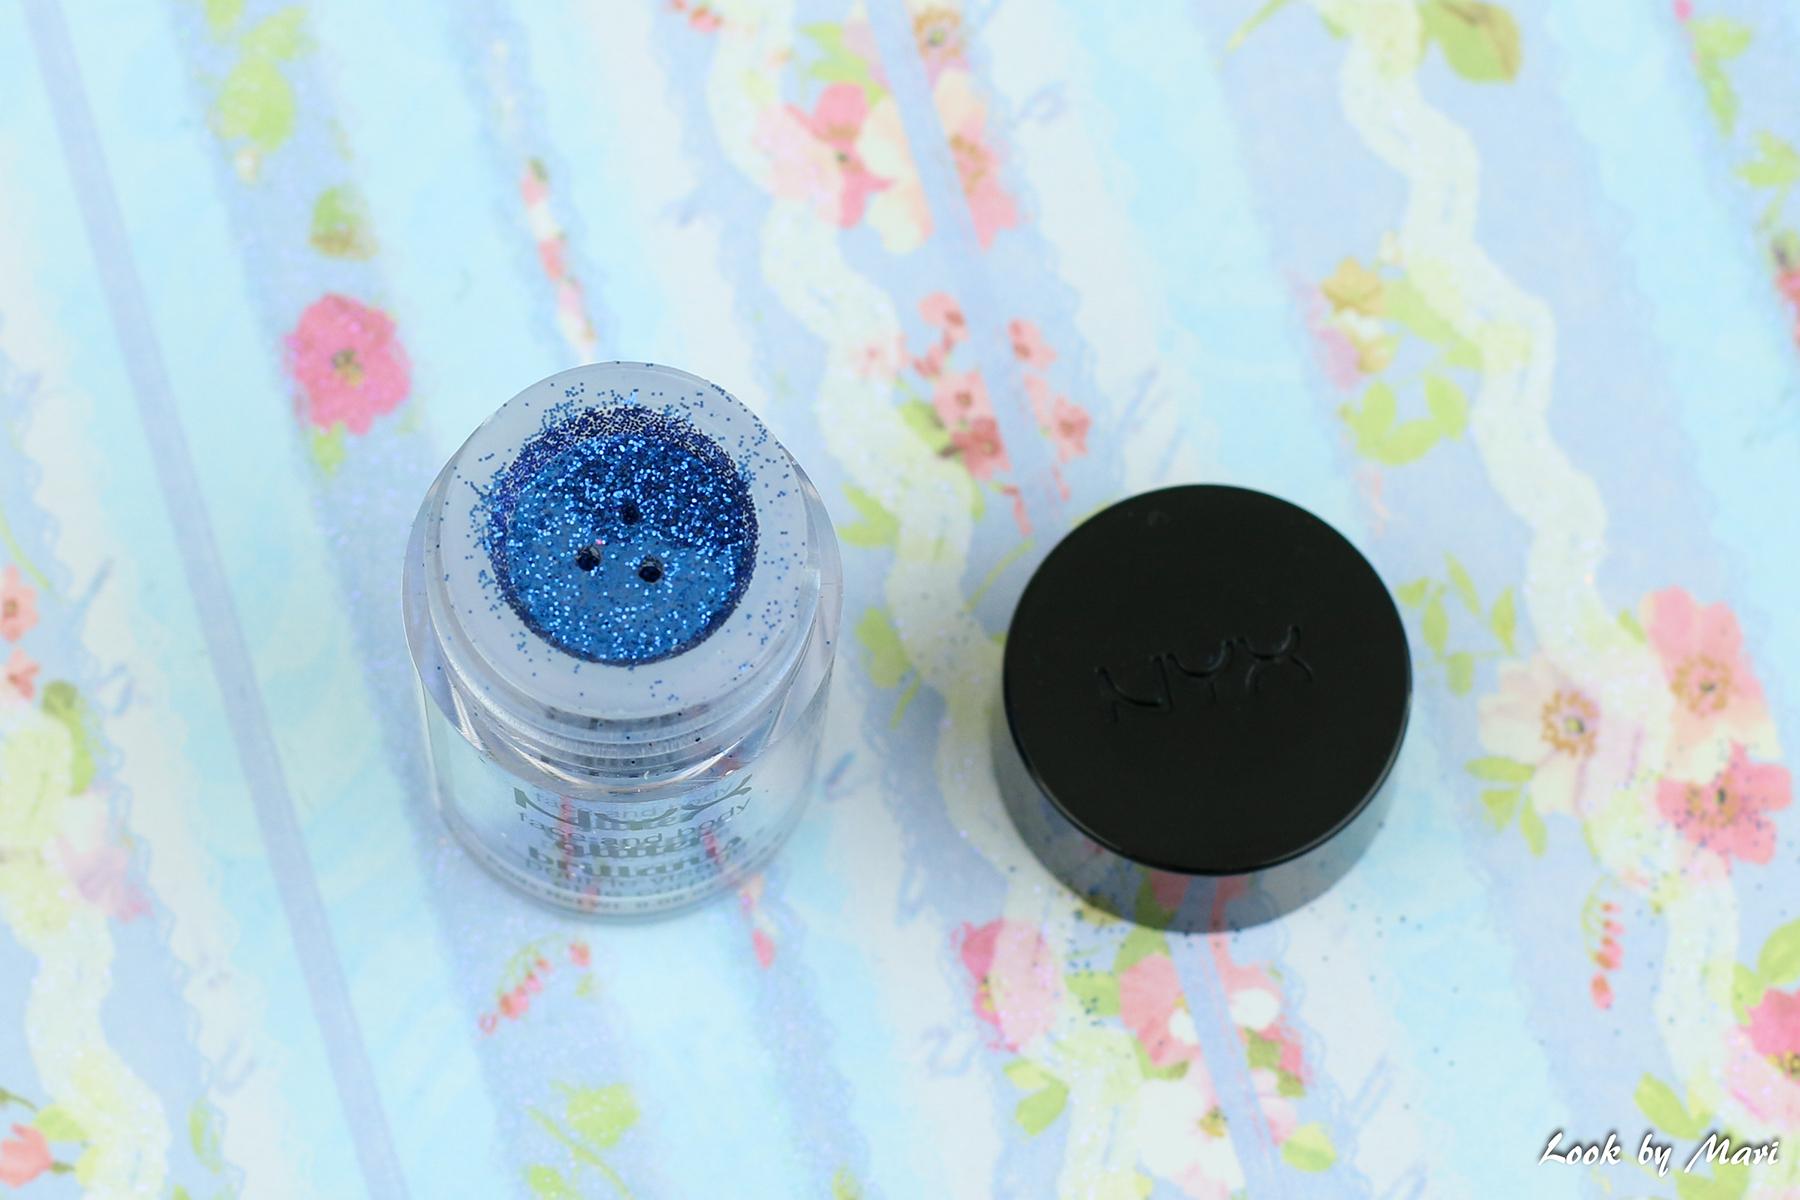 13 Nyx face & body glitter blue kokemuksia sävy väri